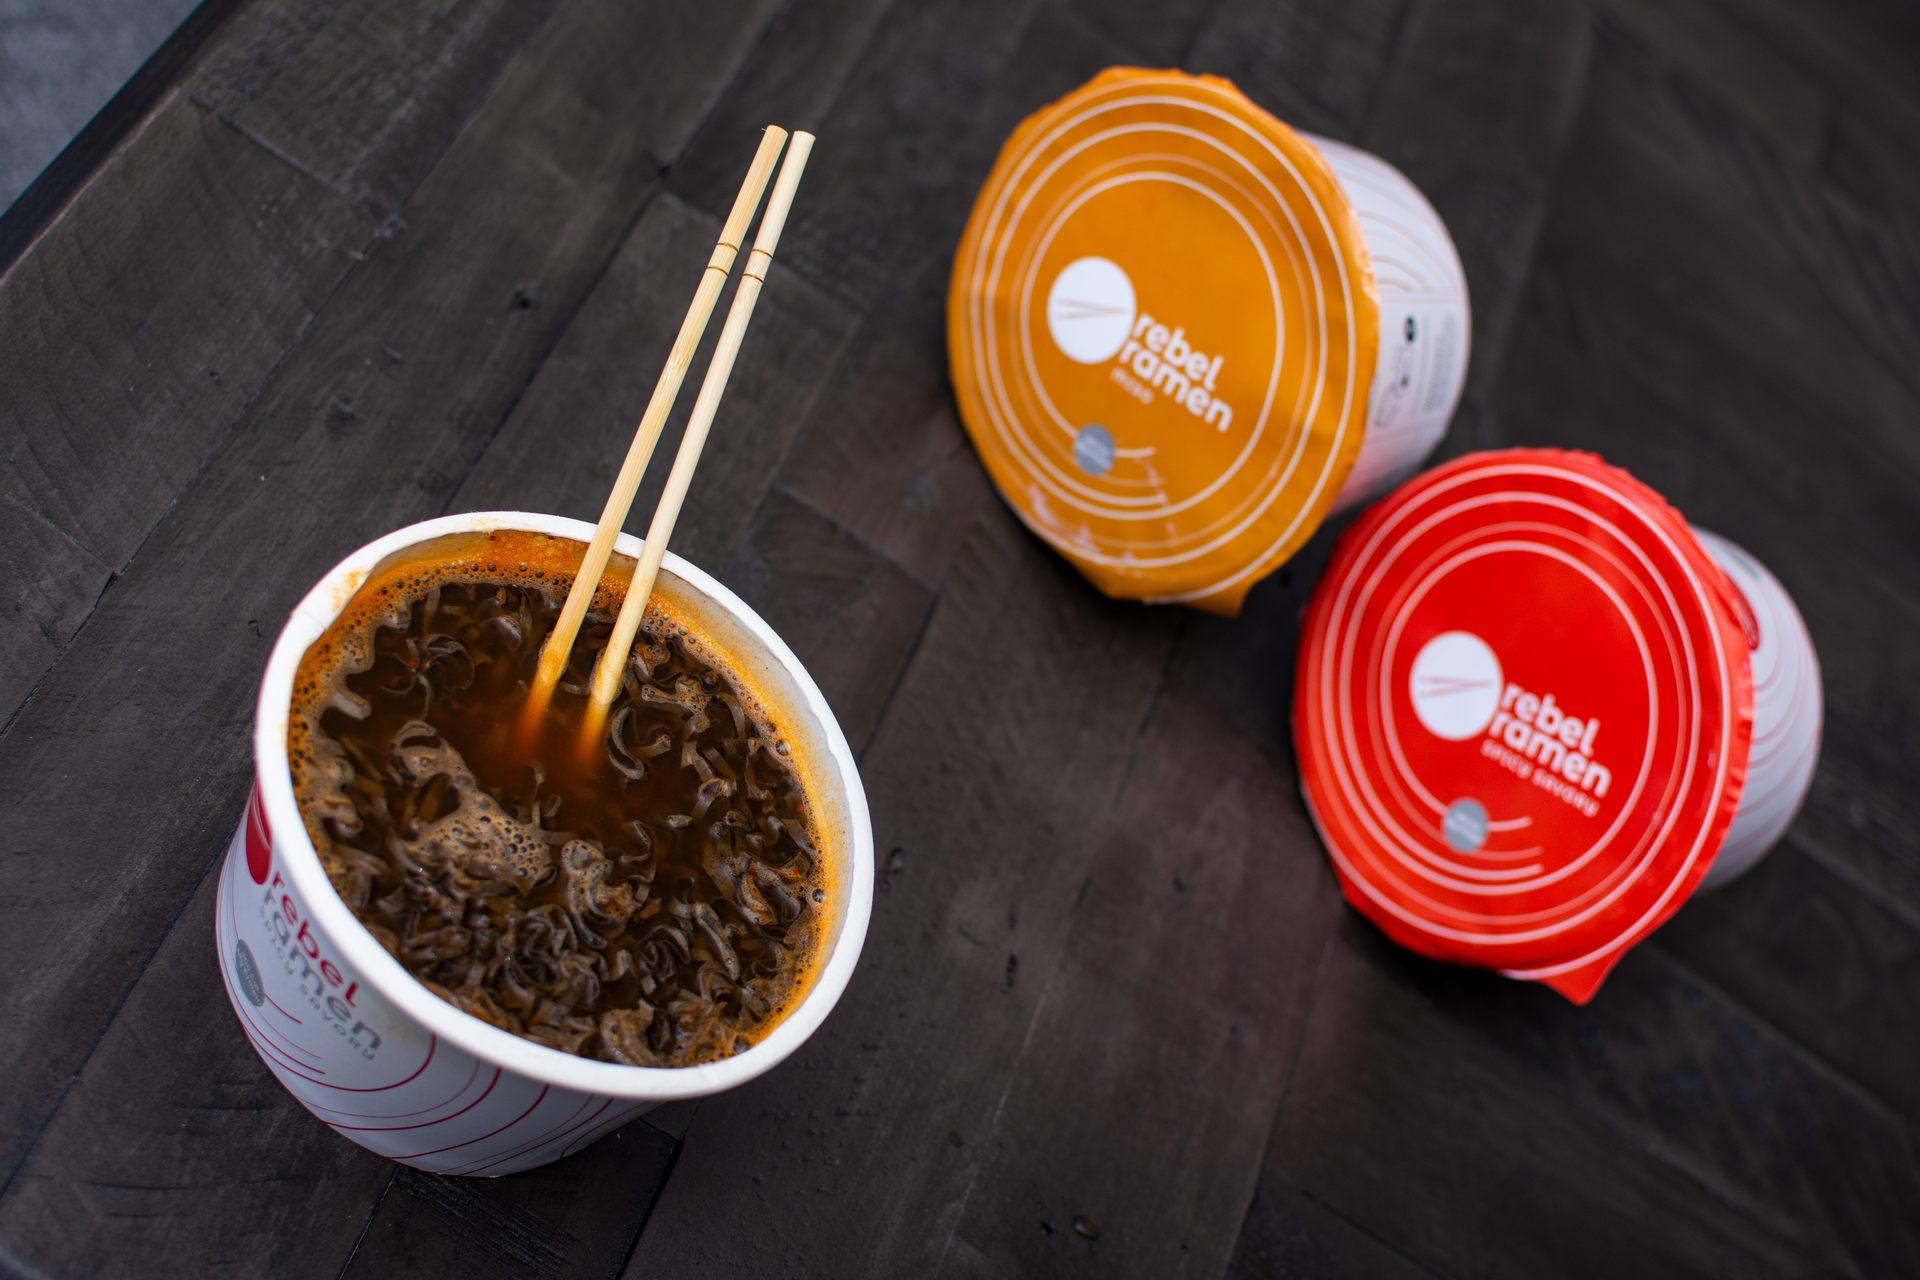 Rebel Ramen healthy instant noodles